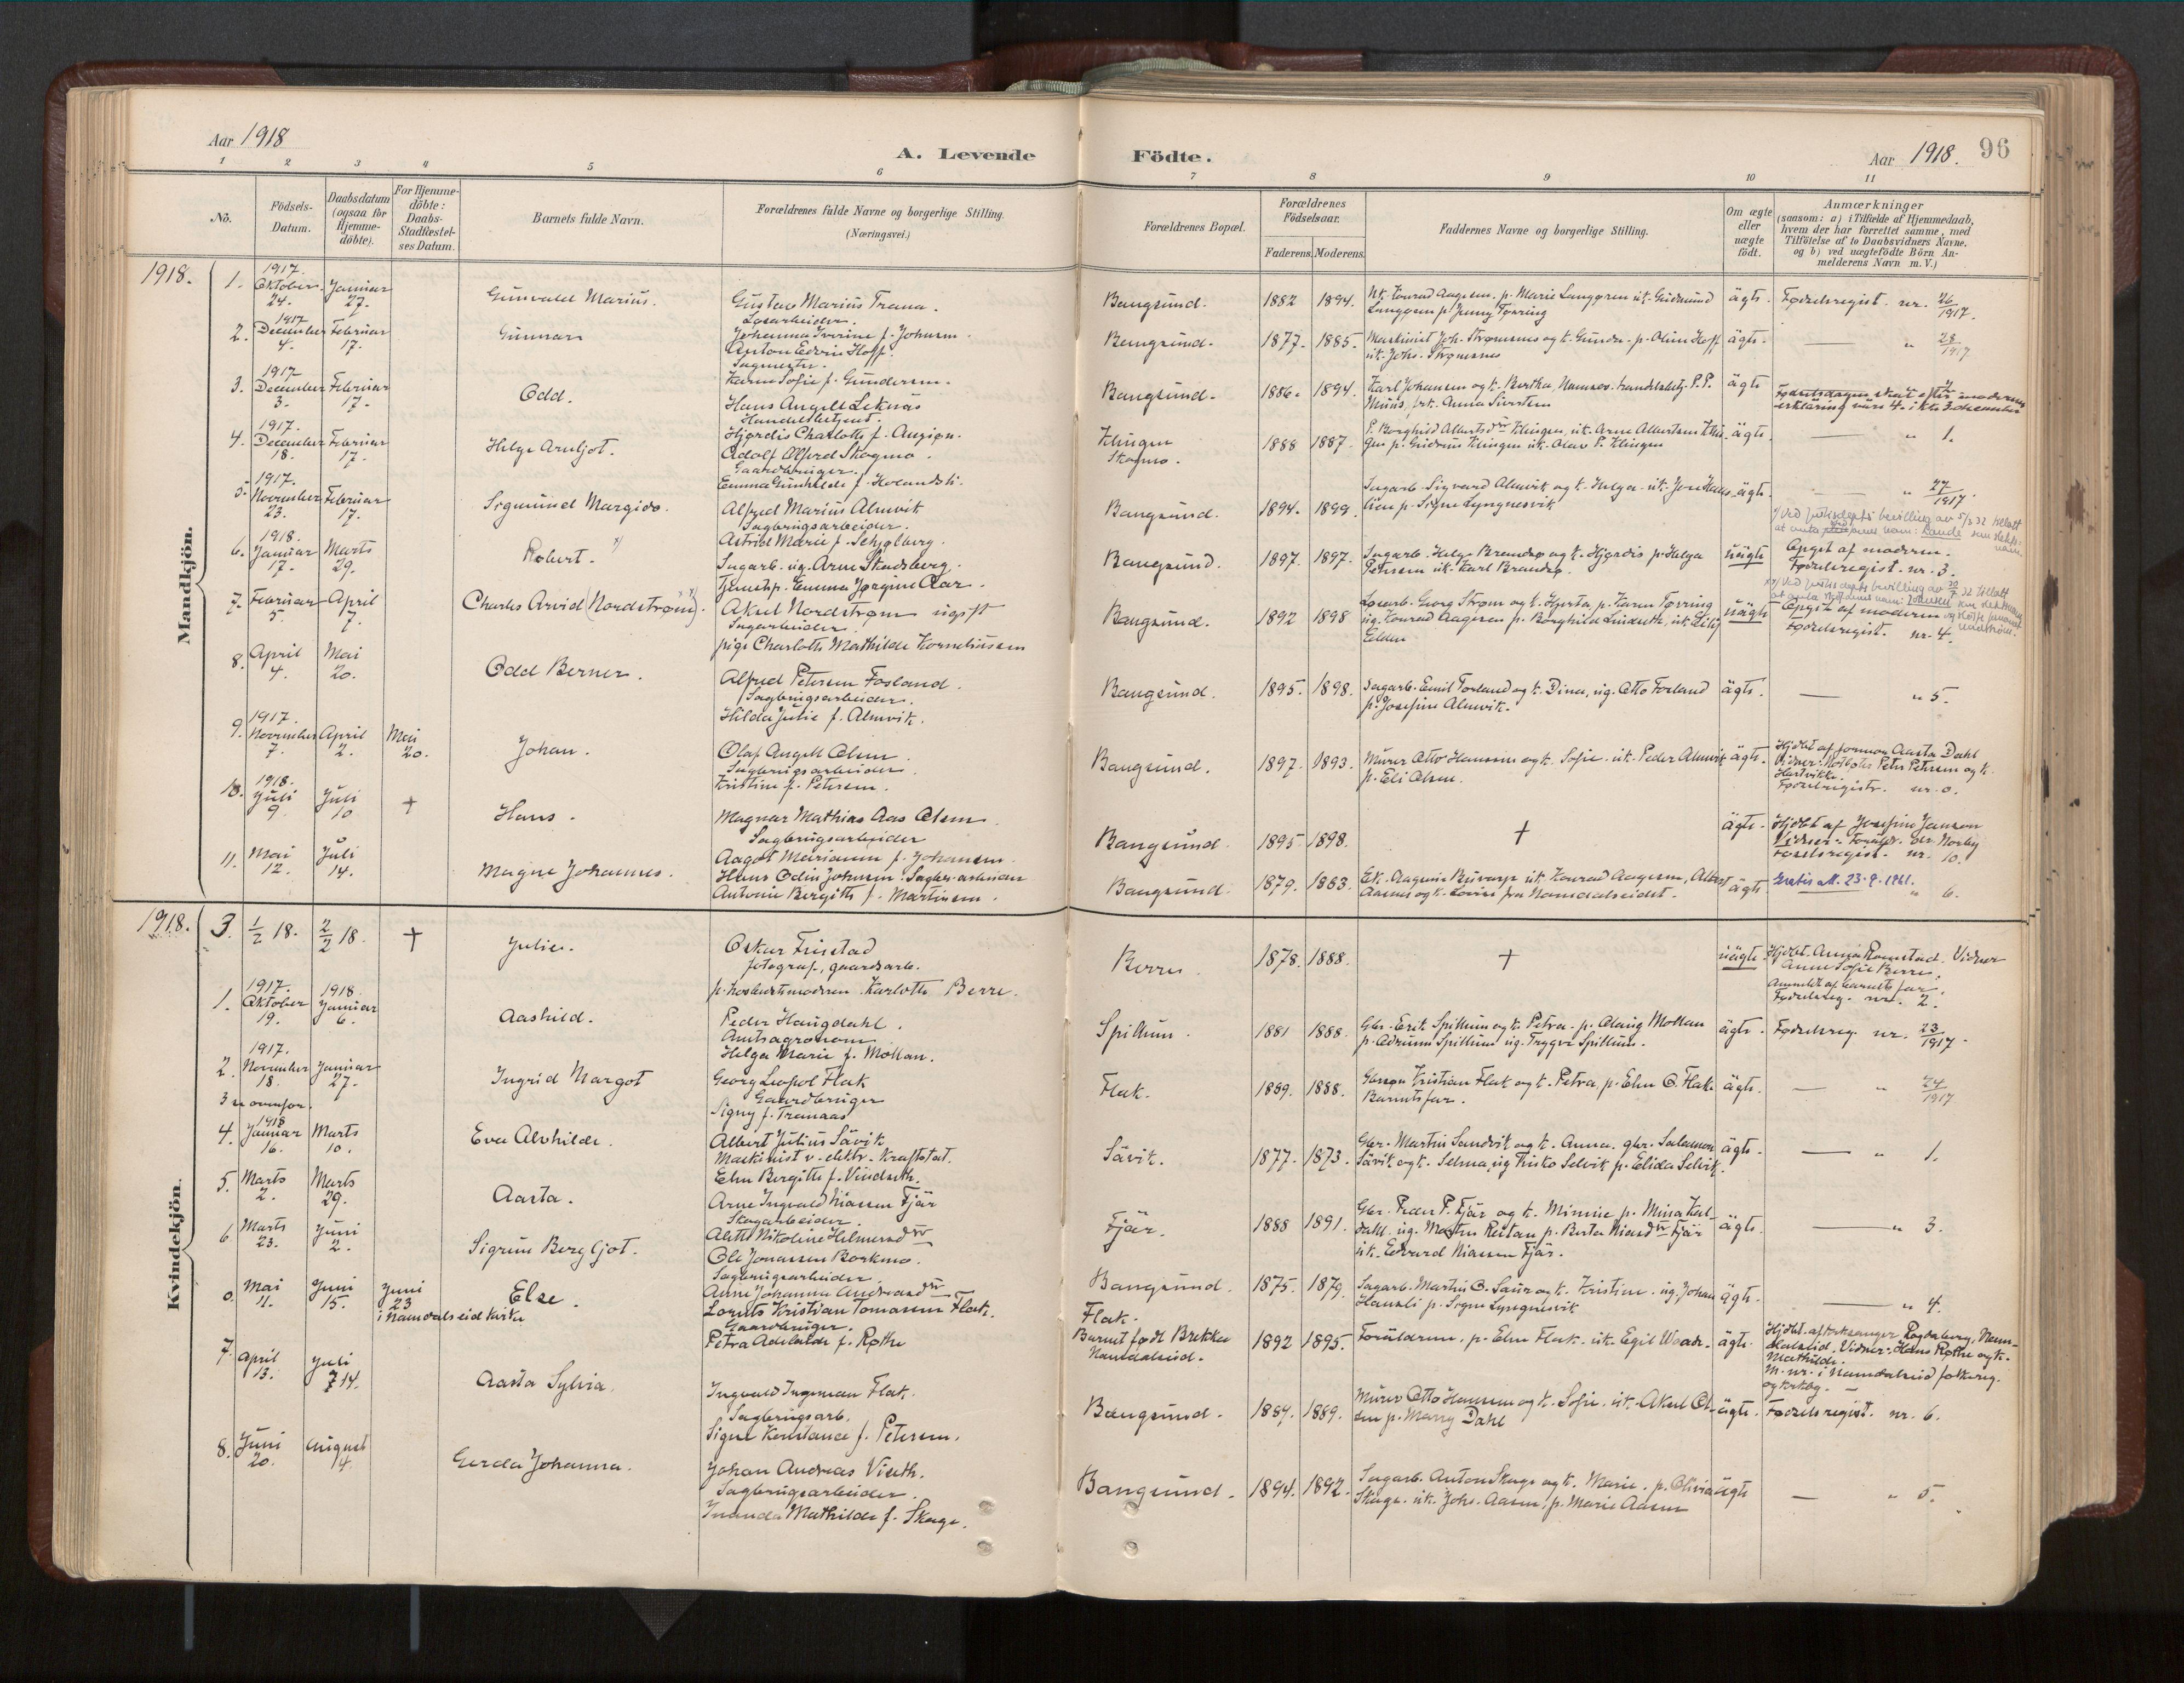 SAT, Ministerialprotokoller, klokkerbøker og fødselsregistre - Nord-Trøndelag, 770/L0589: Ministerialbok nr. 770A03, 1887-1929, s. 96